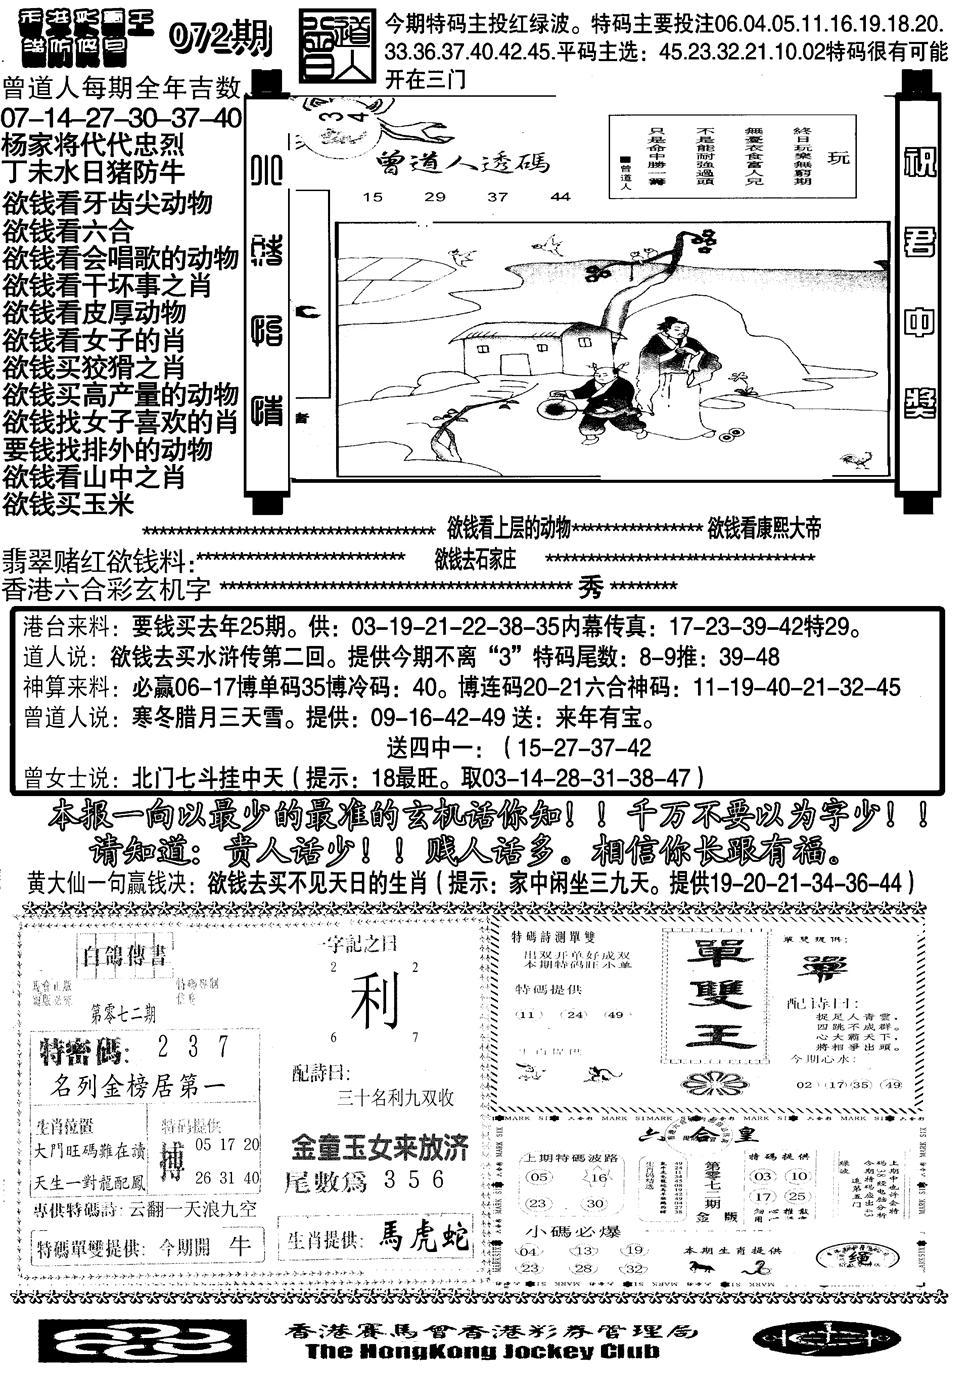 072期大刀彩霸王B(黑白)